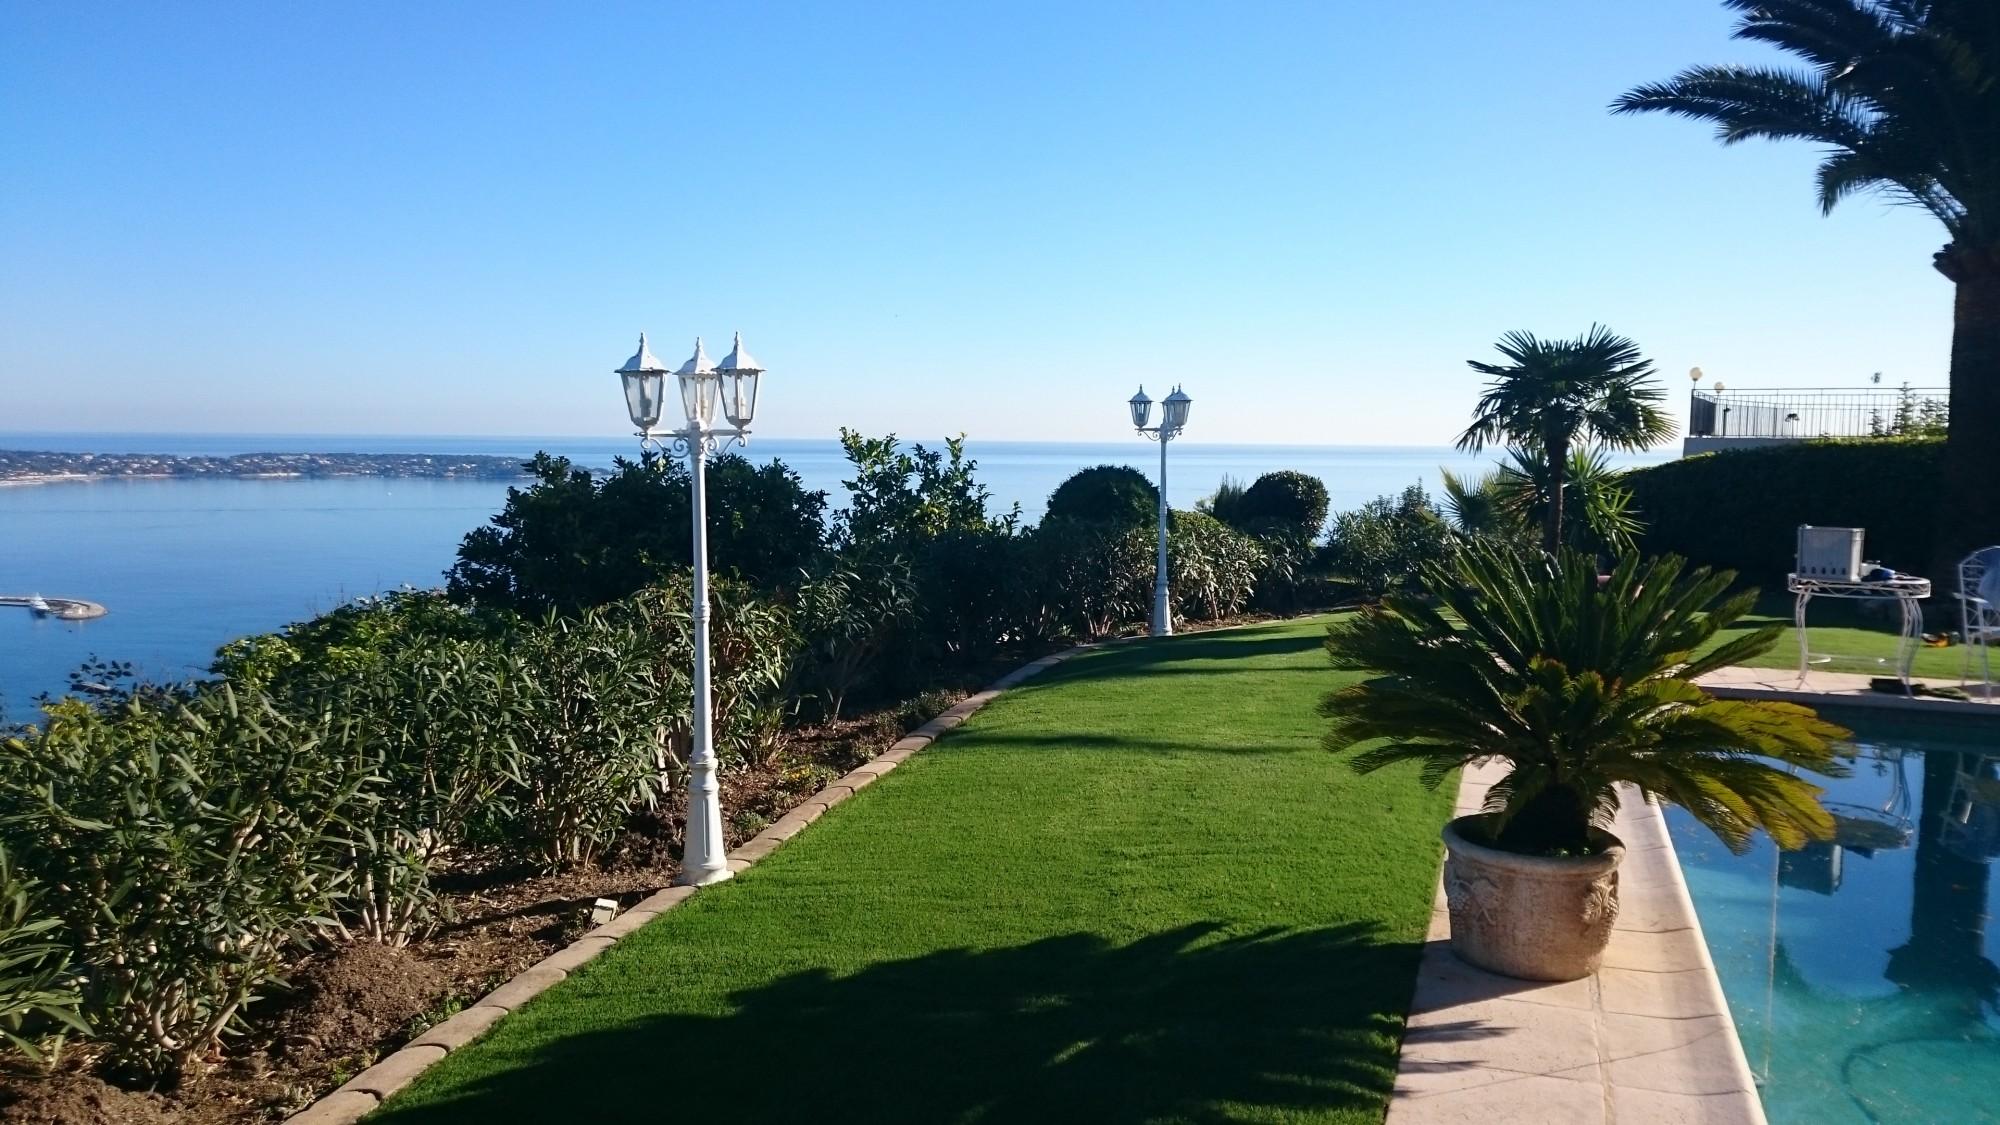 pose de gazon synthétique à mémoire de forme pour jardin et entourage de piscine à Cannes